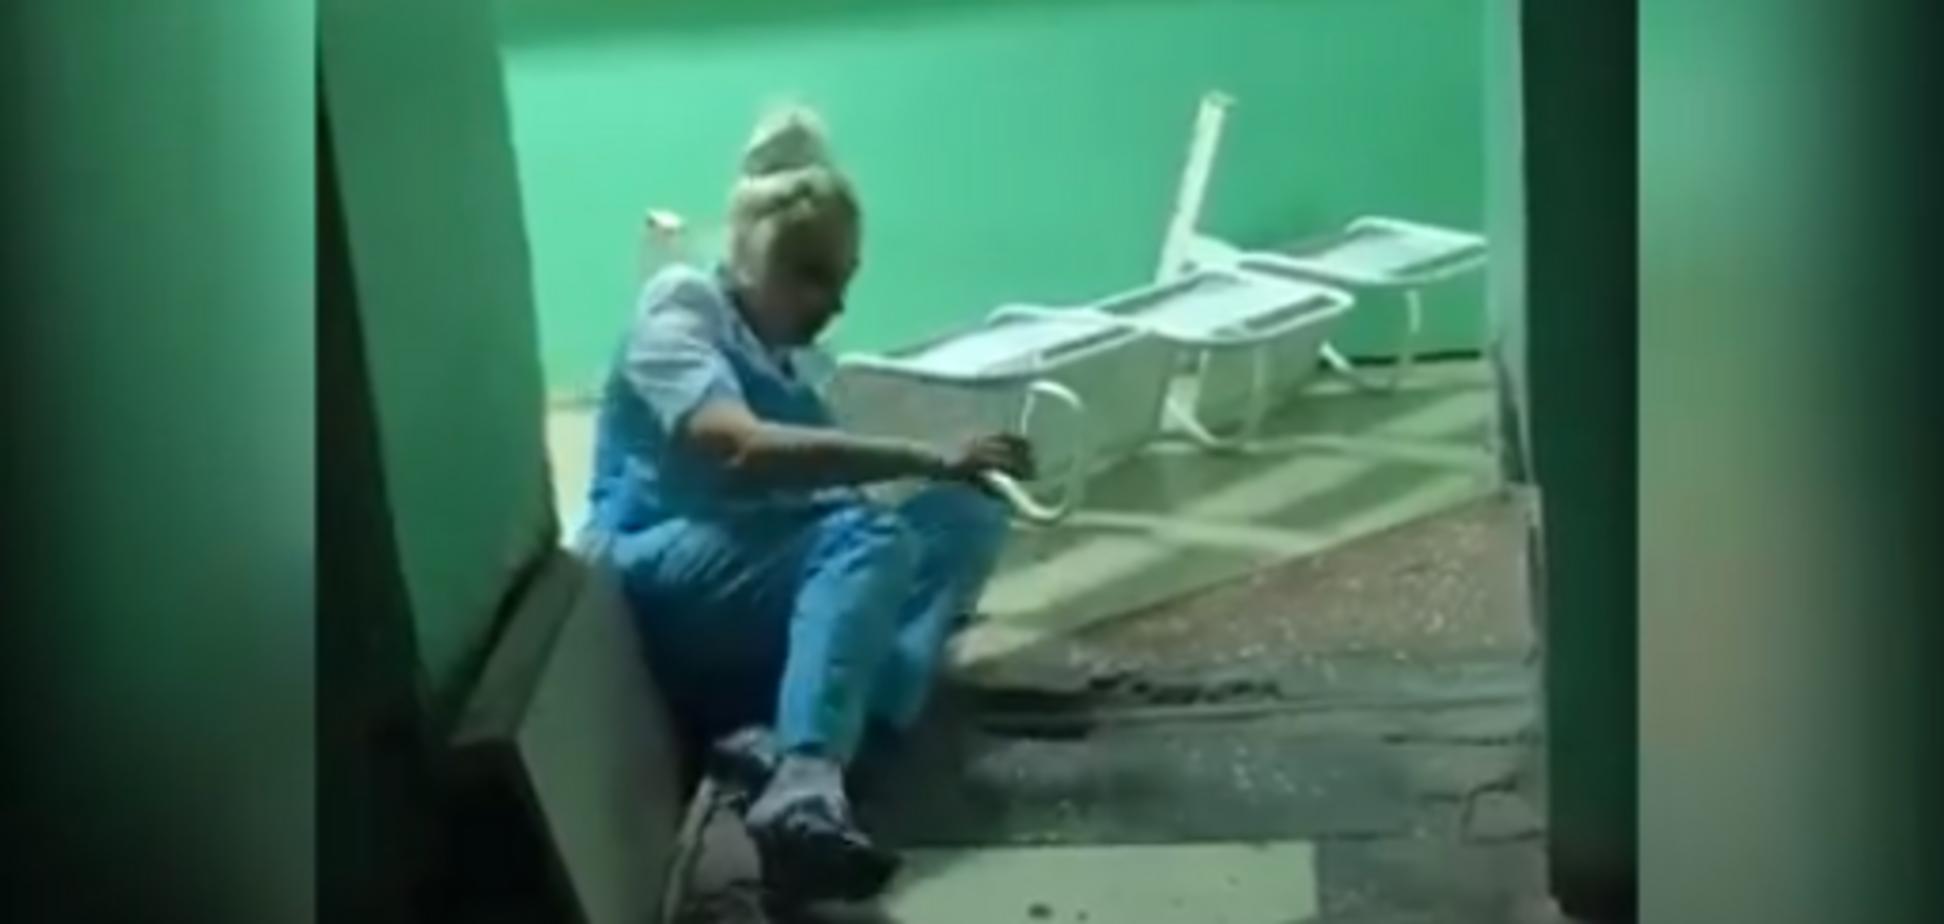 'Навіщо знімати?' Відео з п'яною медсестрою в Росії посварило мережу